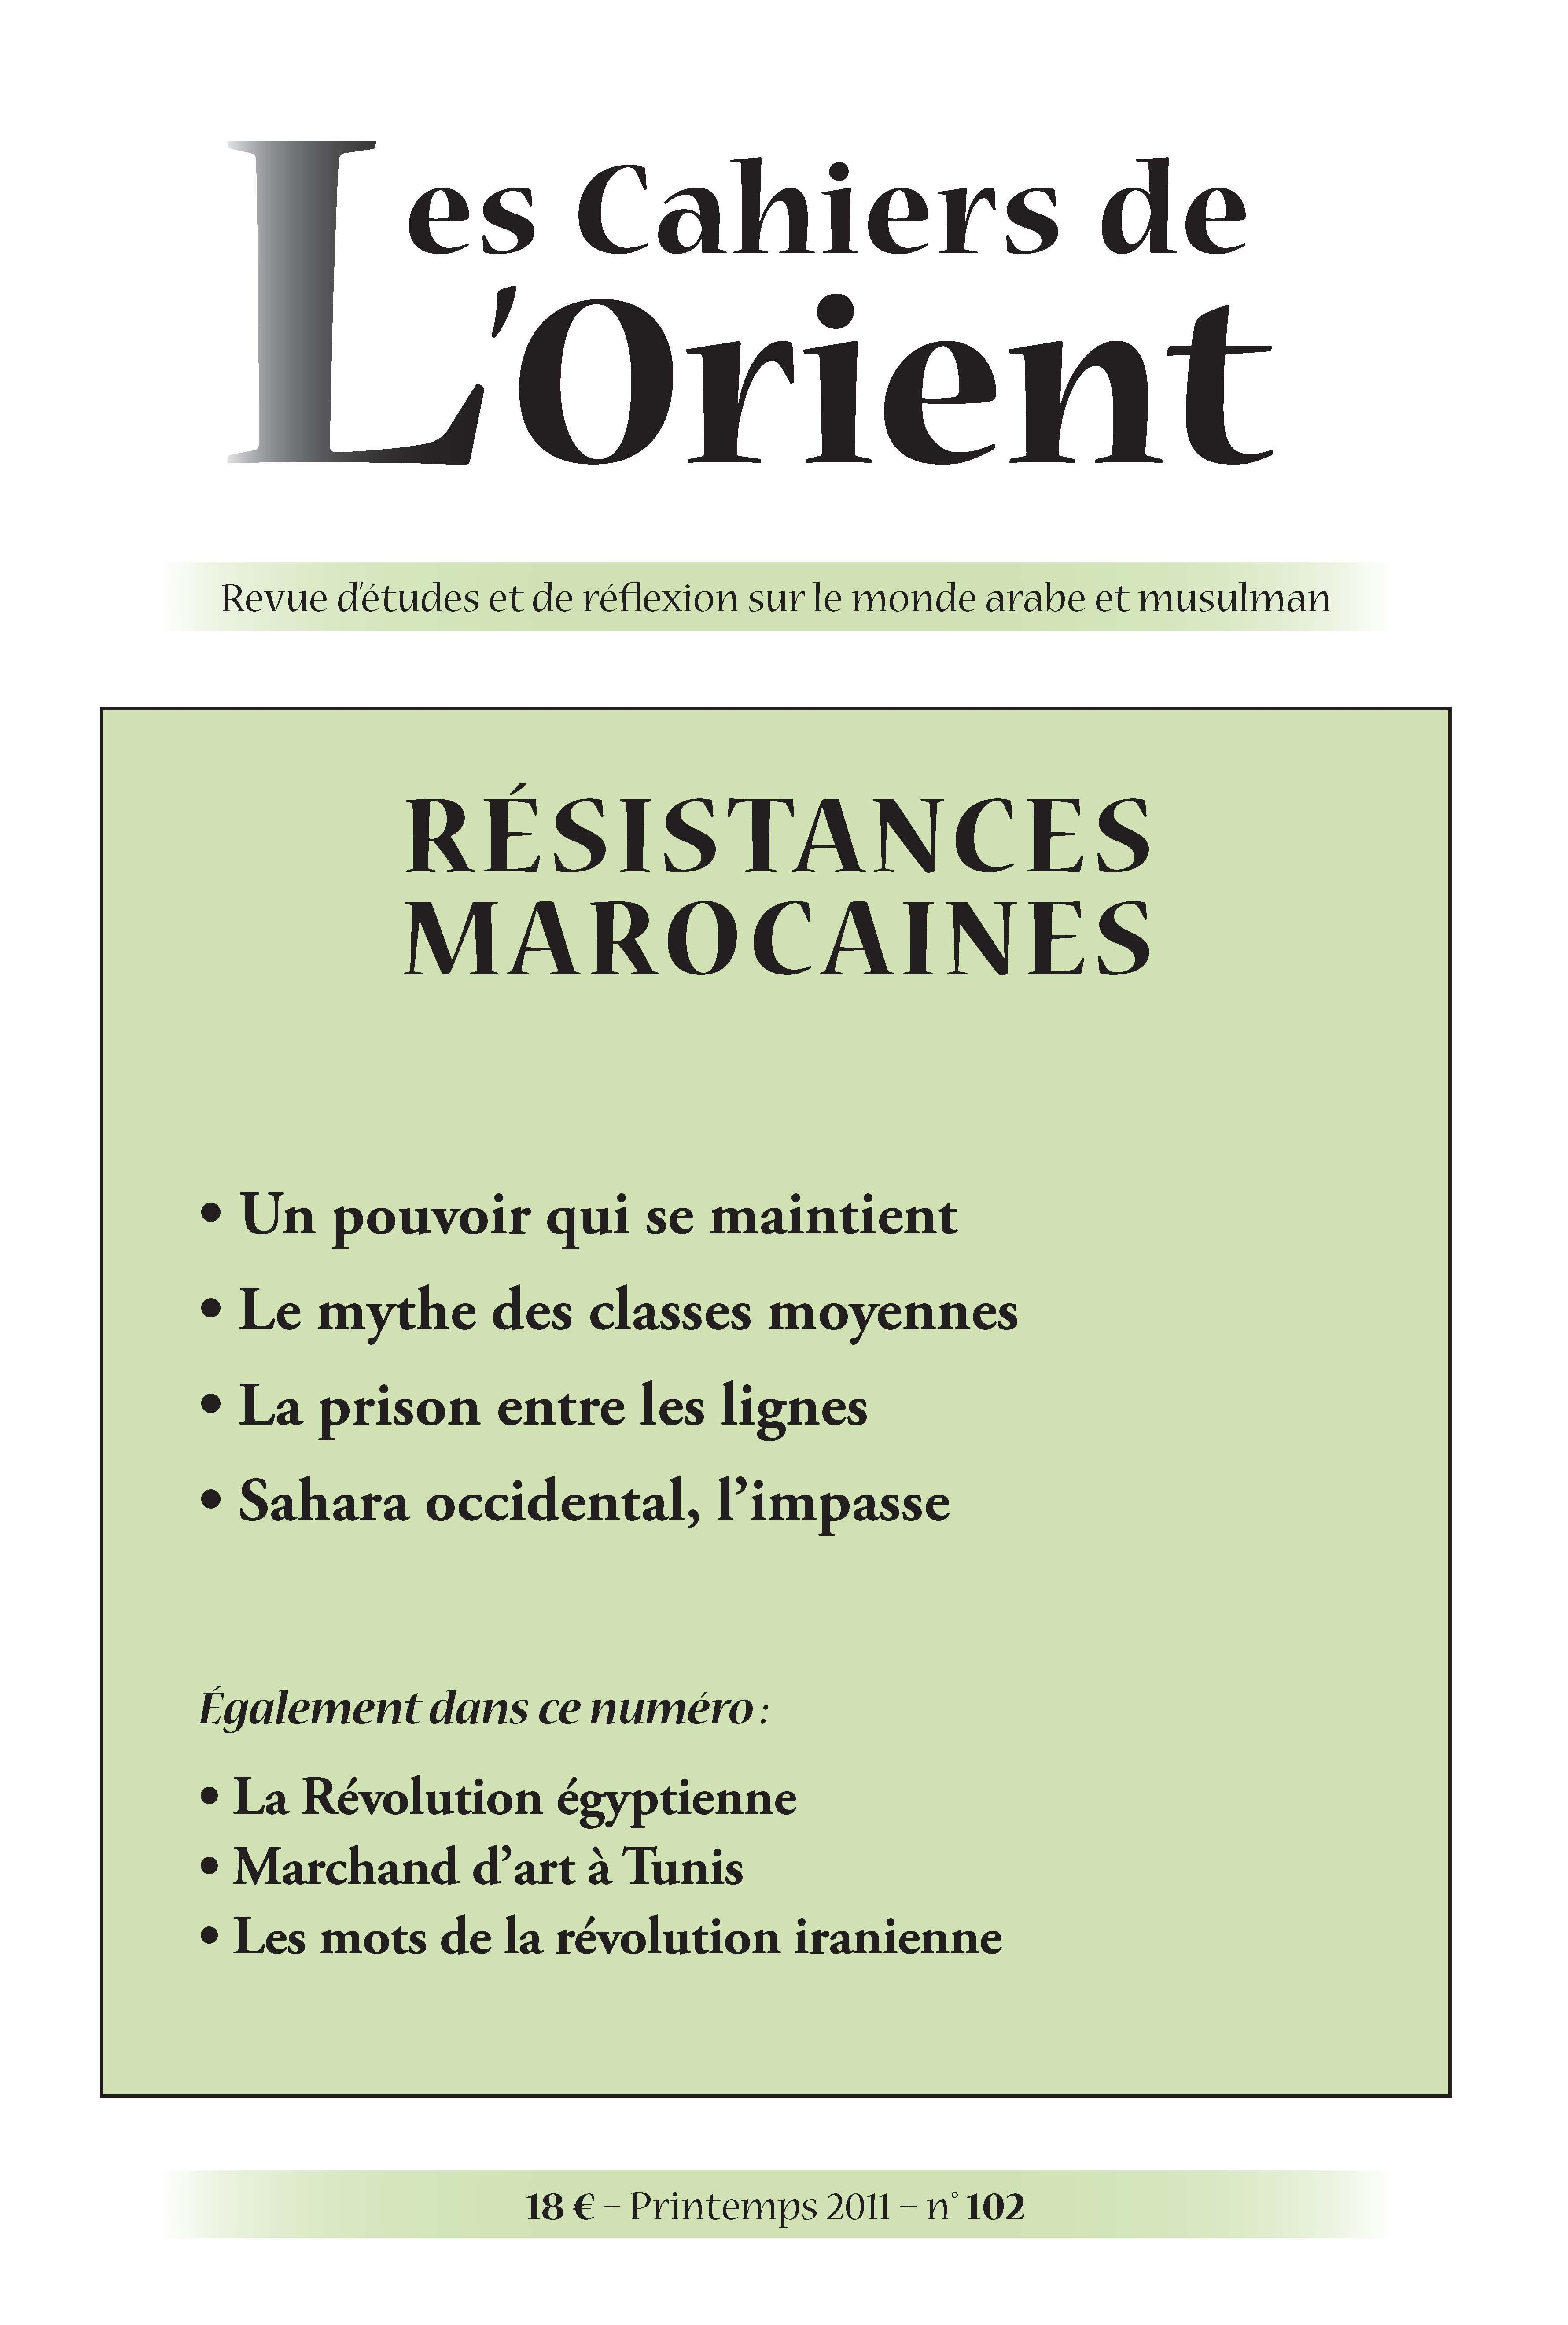 CETTE GRATUIT PDF LUMIÈRE TÉLÉCHARGER AVEUGLANTE DE ABSENCE